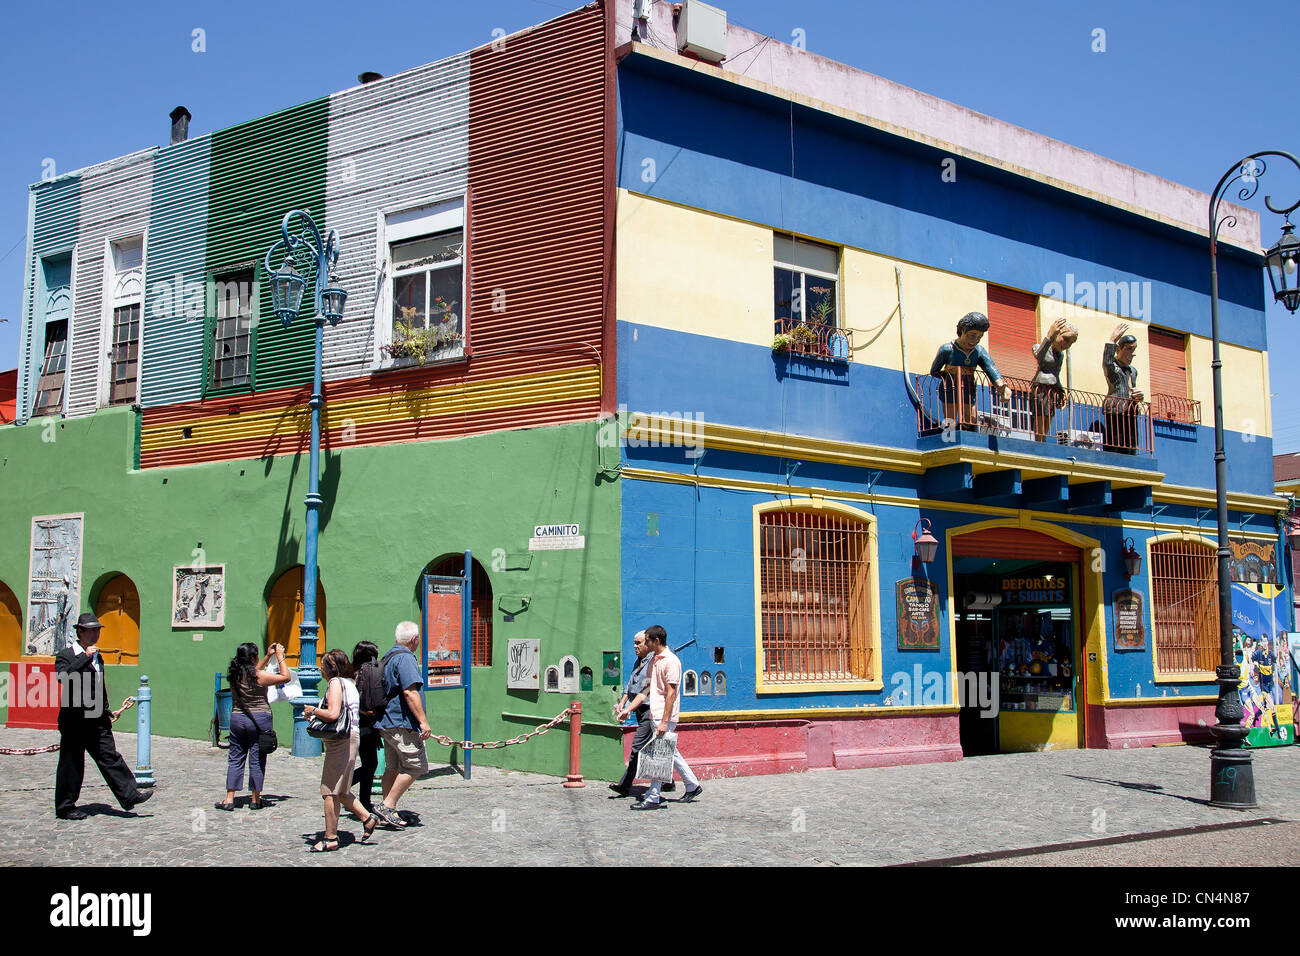 Argentina, Buenos Aires, La Boca distretto, CAMINITO Immagini Stock